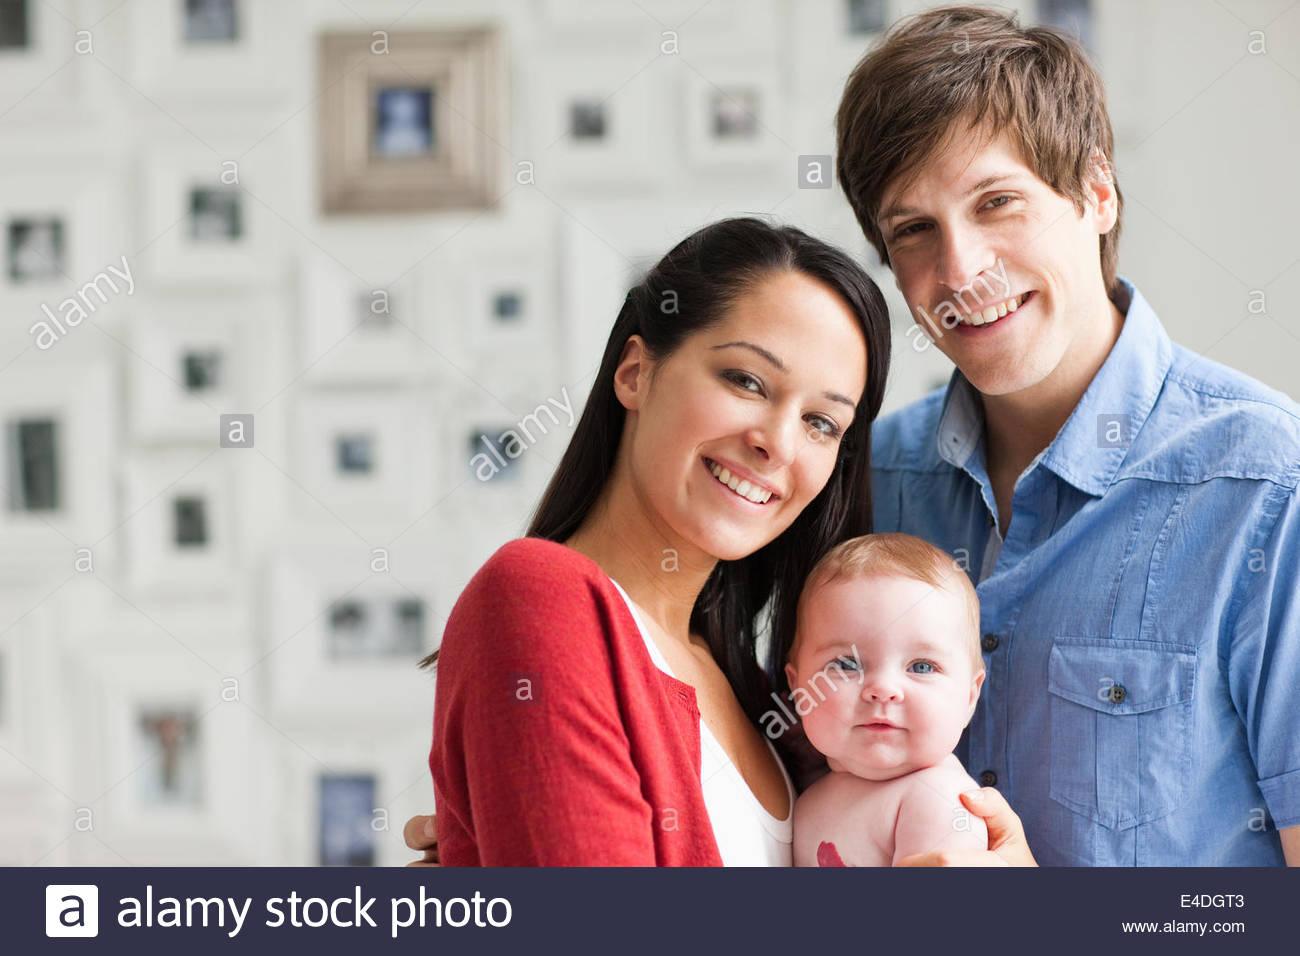 Los padres sonriente Celebración de bebé Imagen De Stock